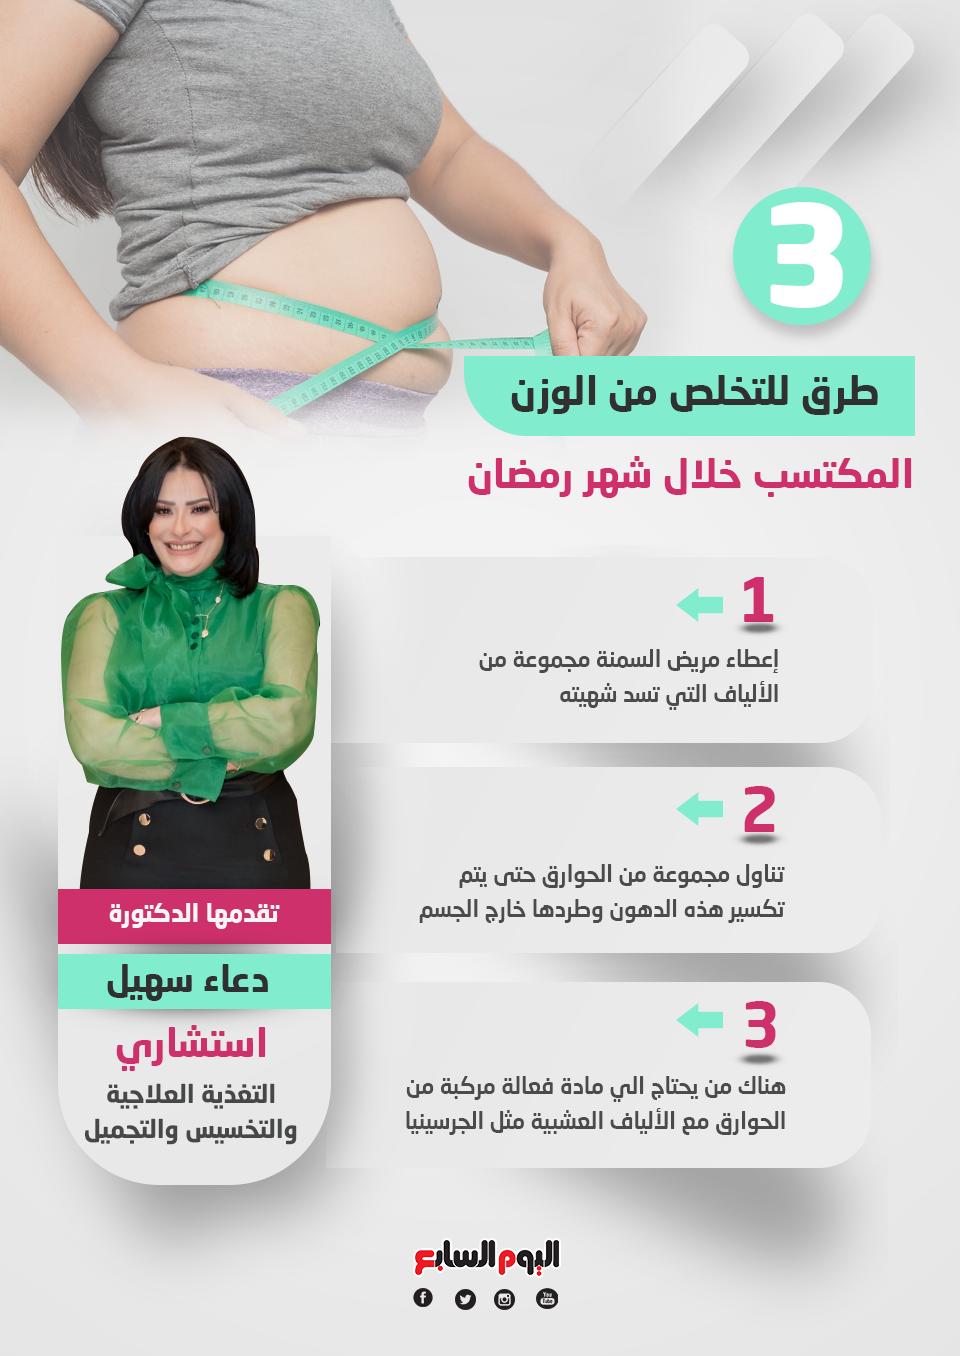 3 طرق للتخلص من الوزن المكتسب خلال شهر رمضان